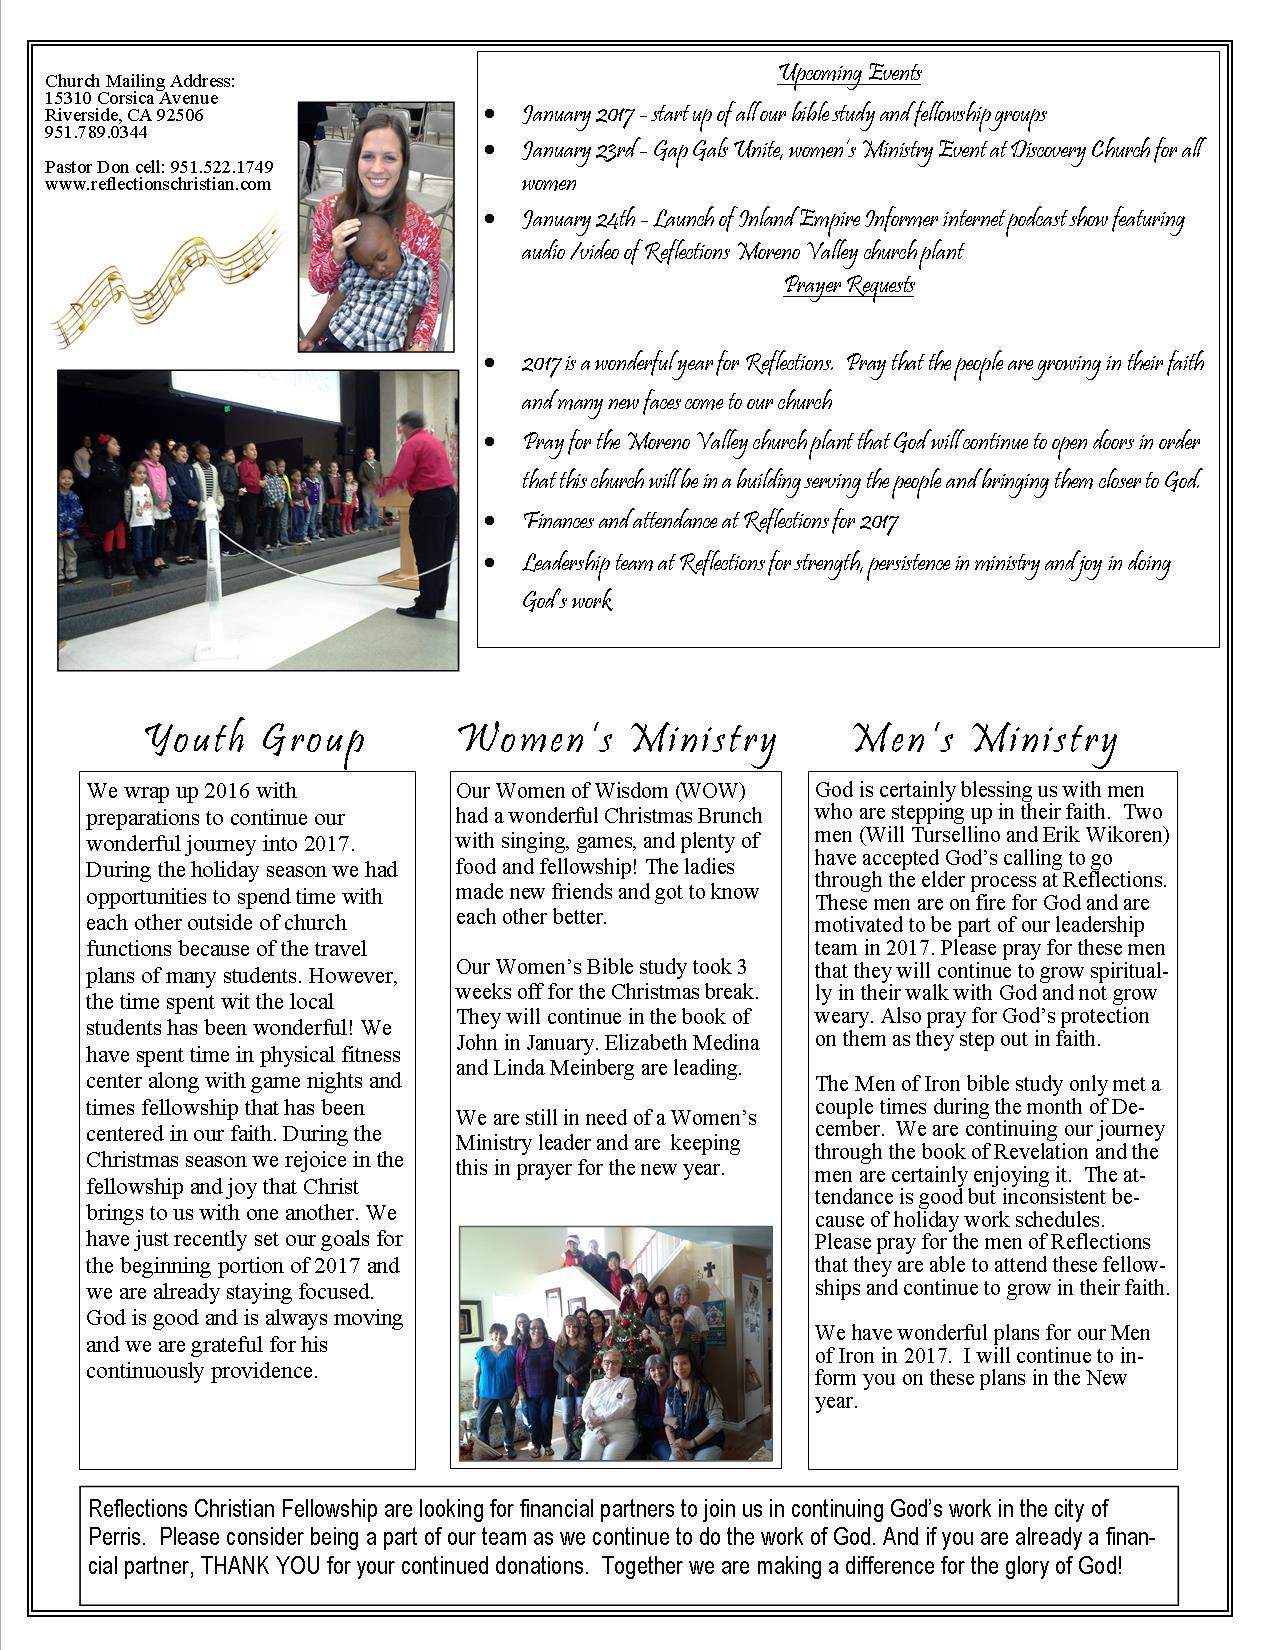 reflections christian fellowship monthly newsletter calendar